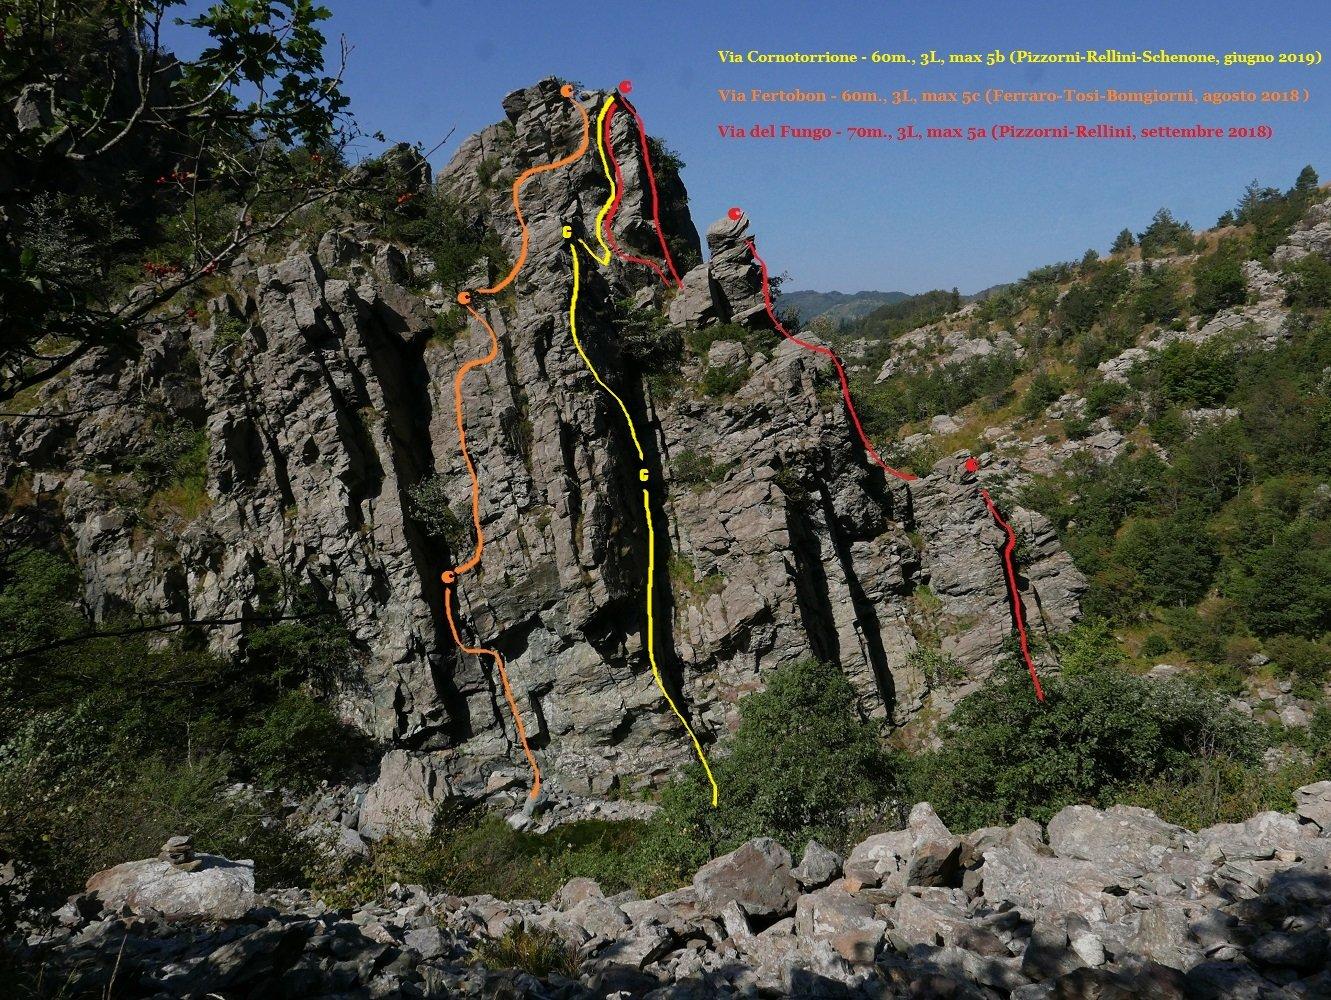 Il versante meridionale della Rocca con il tracciato della via